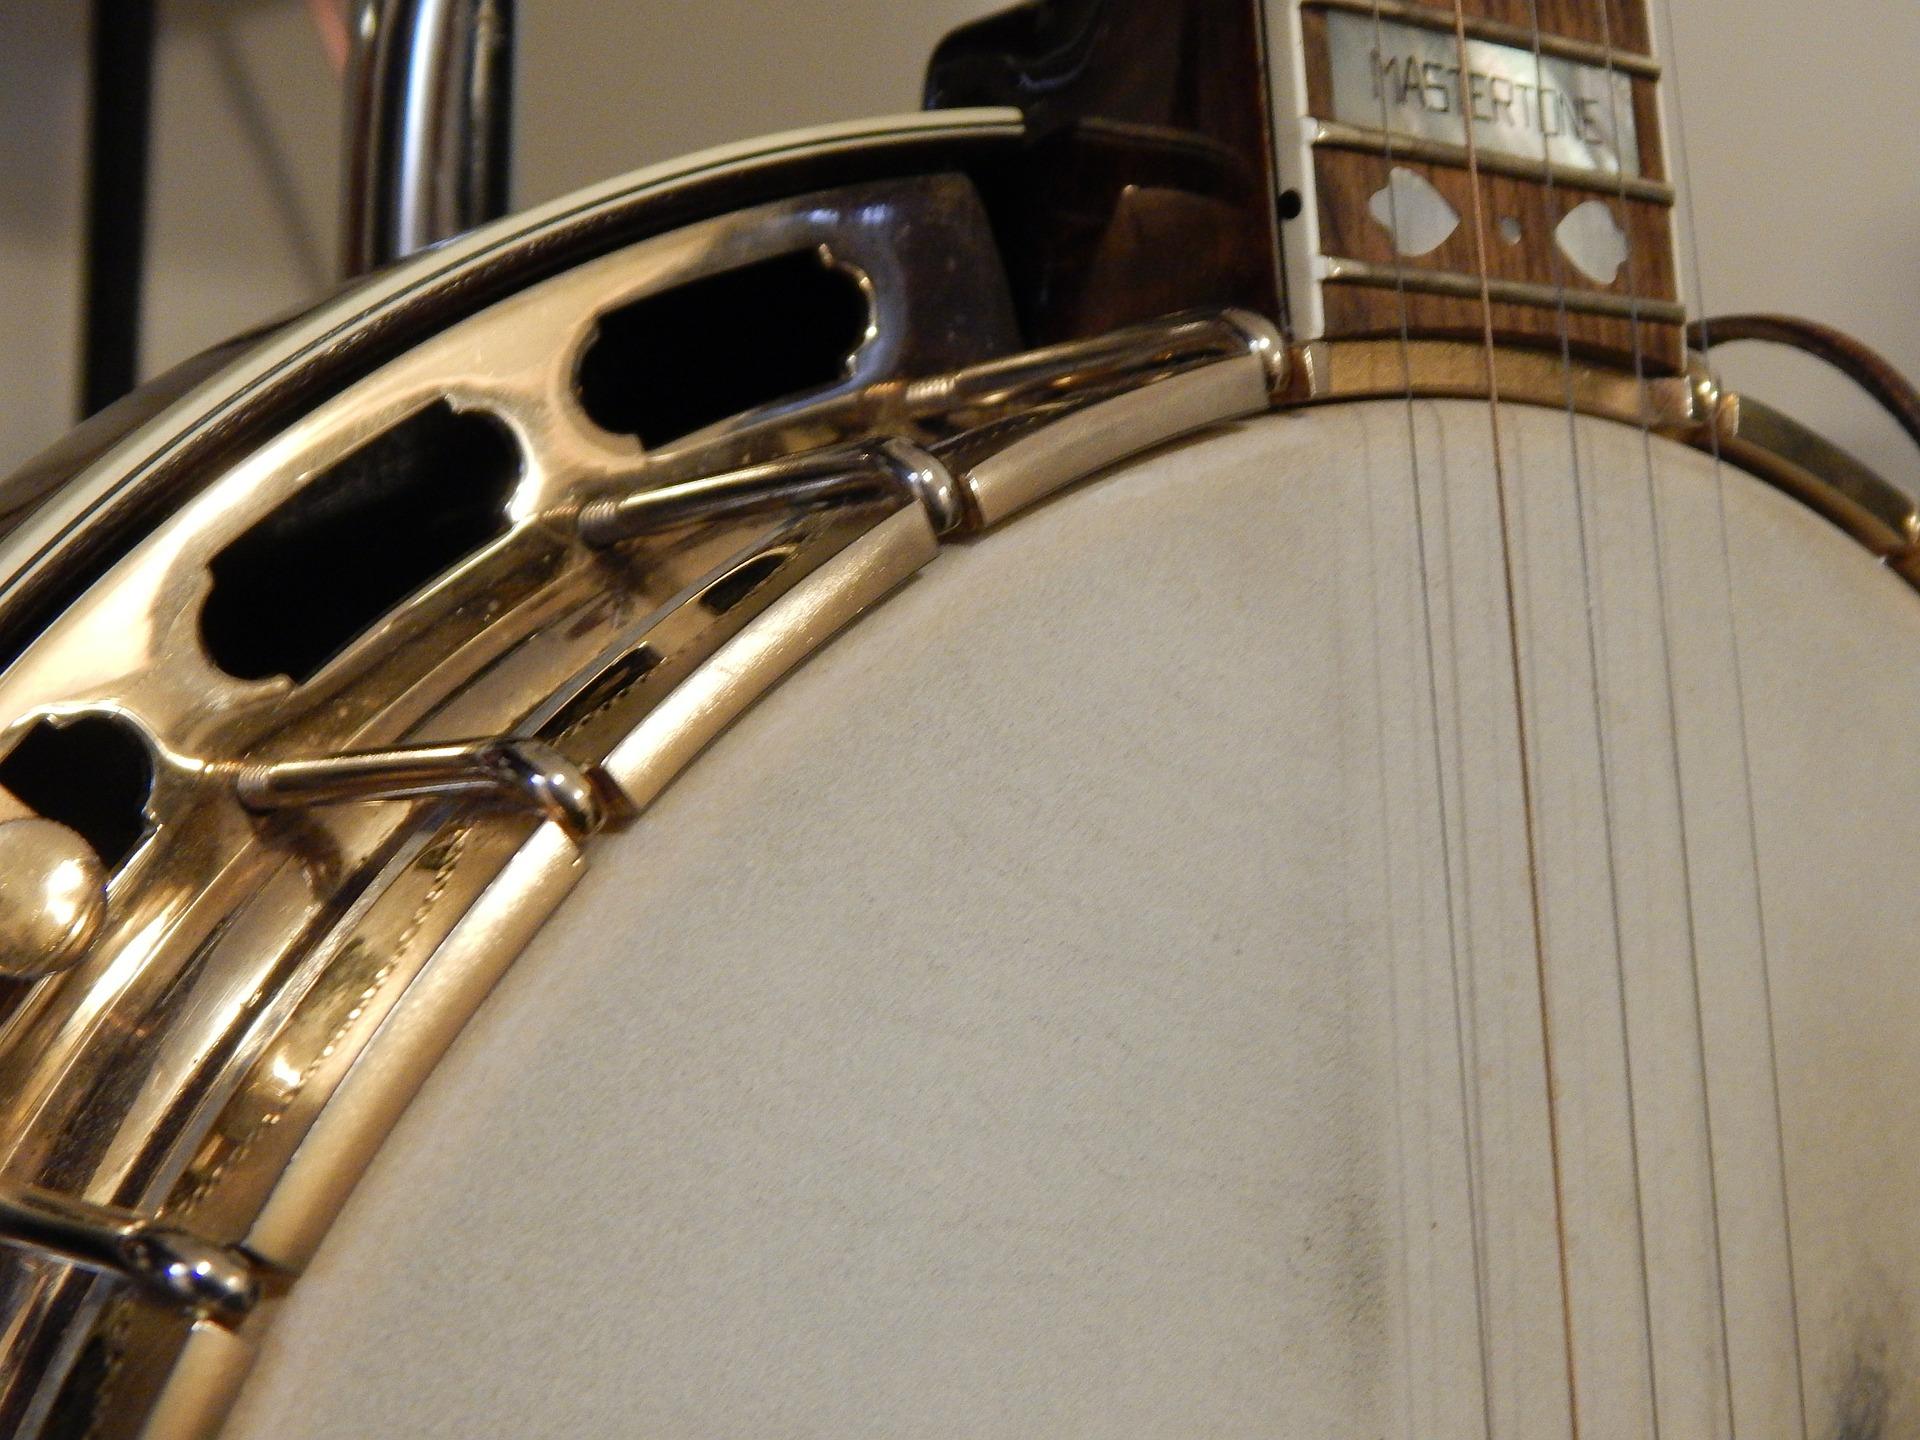 5 String vs 4 String vs 6 String Banjos